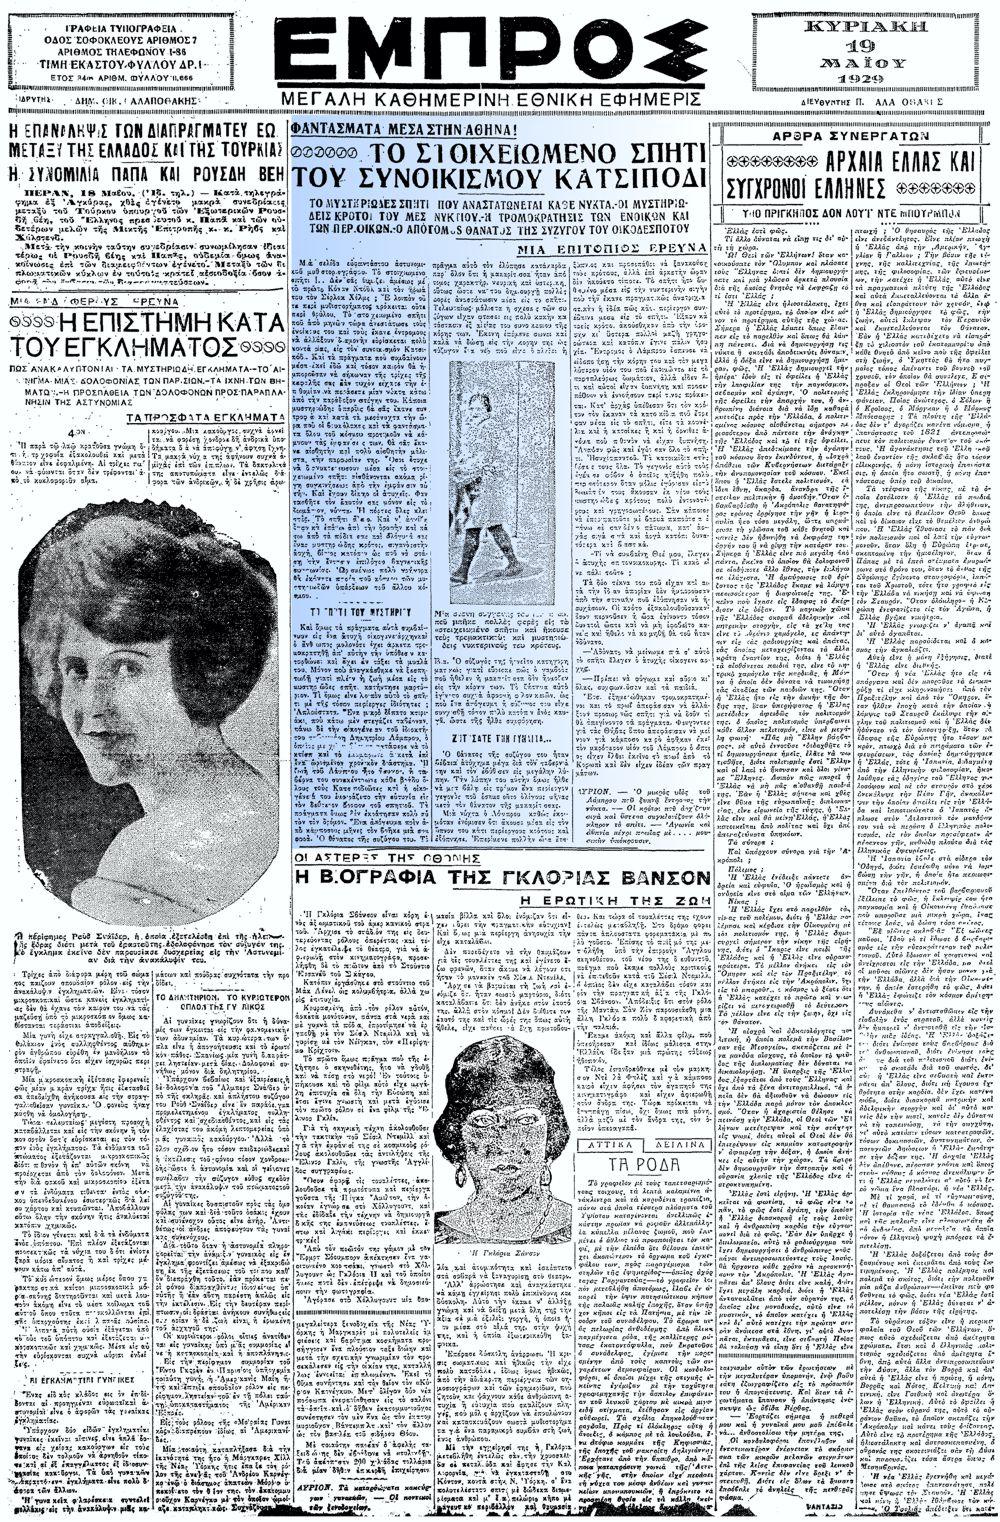 """Το άρθρο, όπως δημοσιεύθηκε στην εφημερίδα """"ΕΜΠΡΟΣ"""", στις 19/05/1929"""